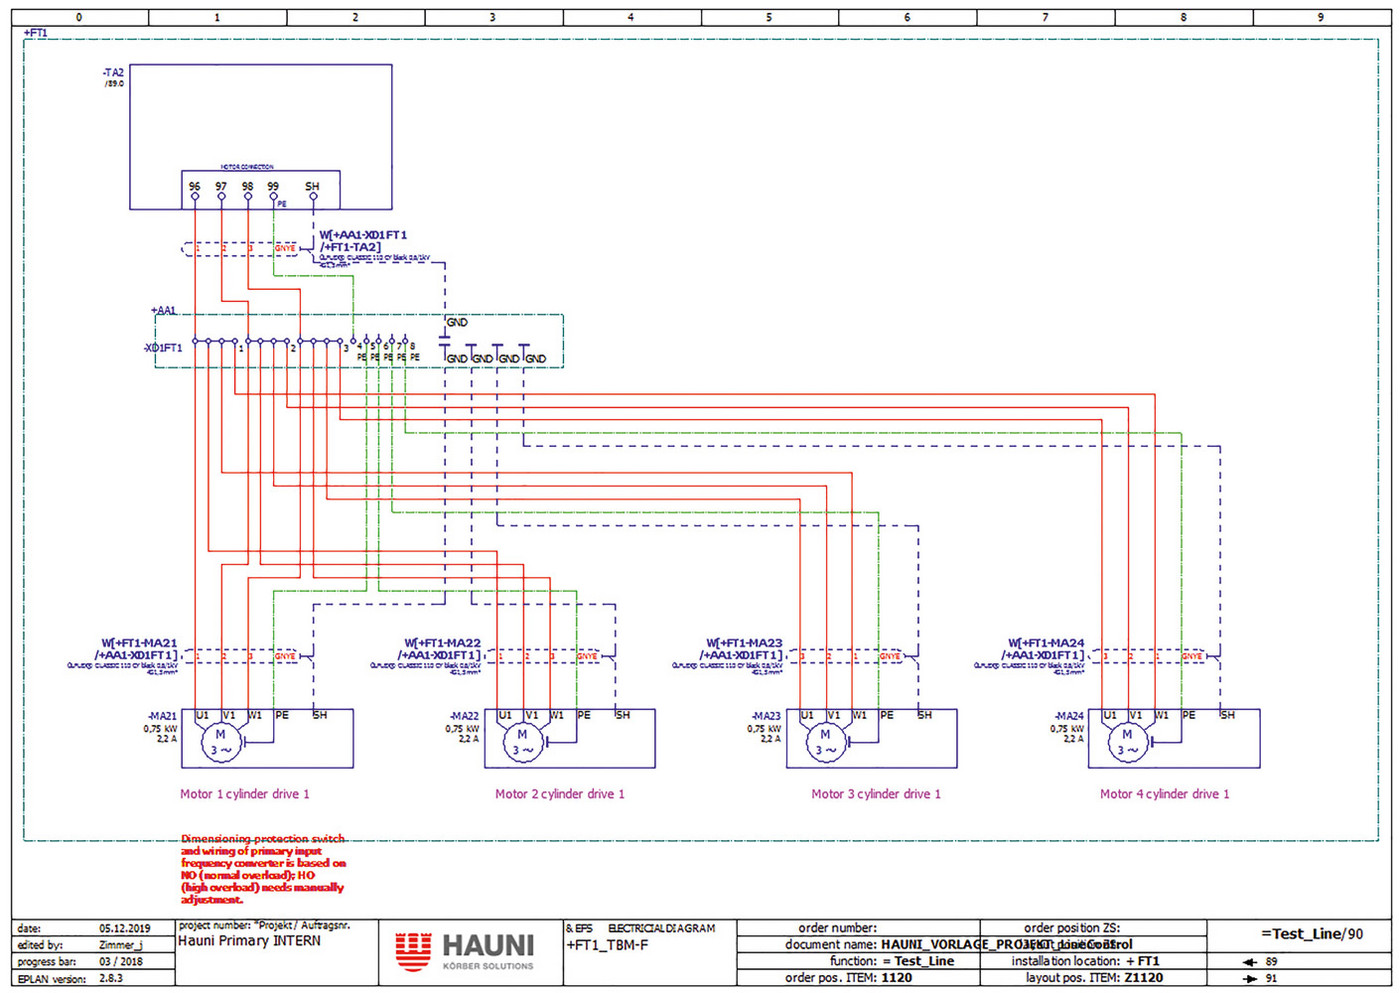 csm_Hauni_03_Konfigurierte-Schaltplanseite_HPG_300dpi_d17aec9da5